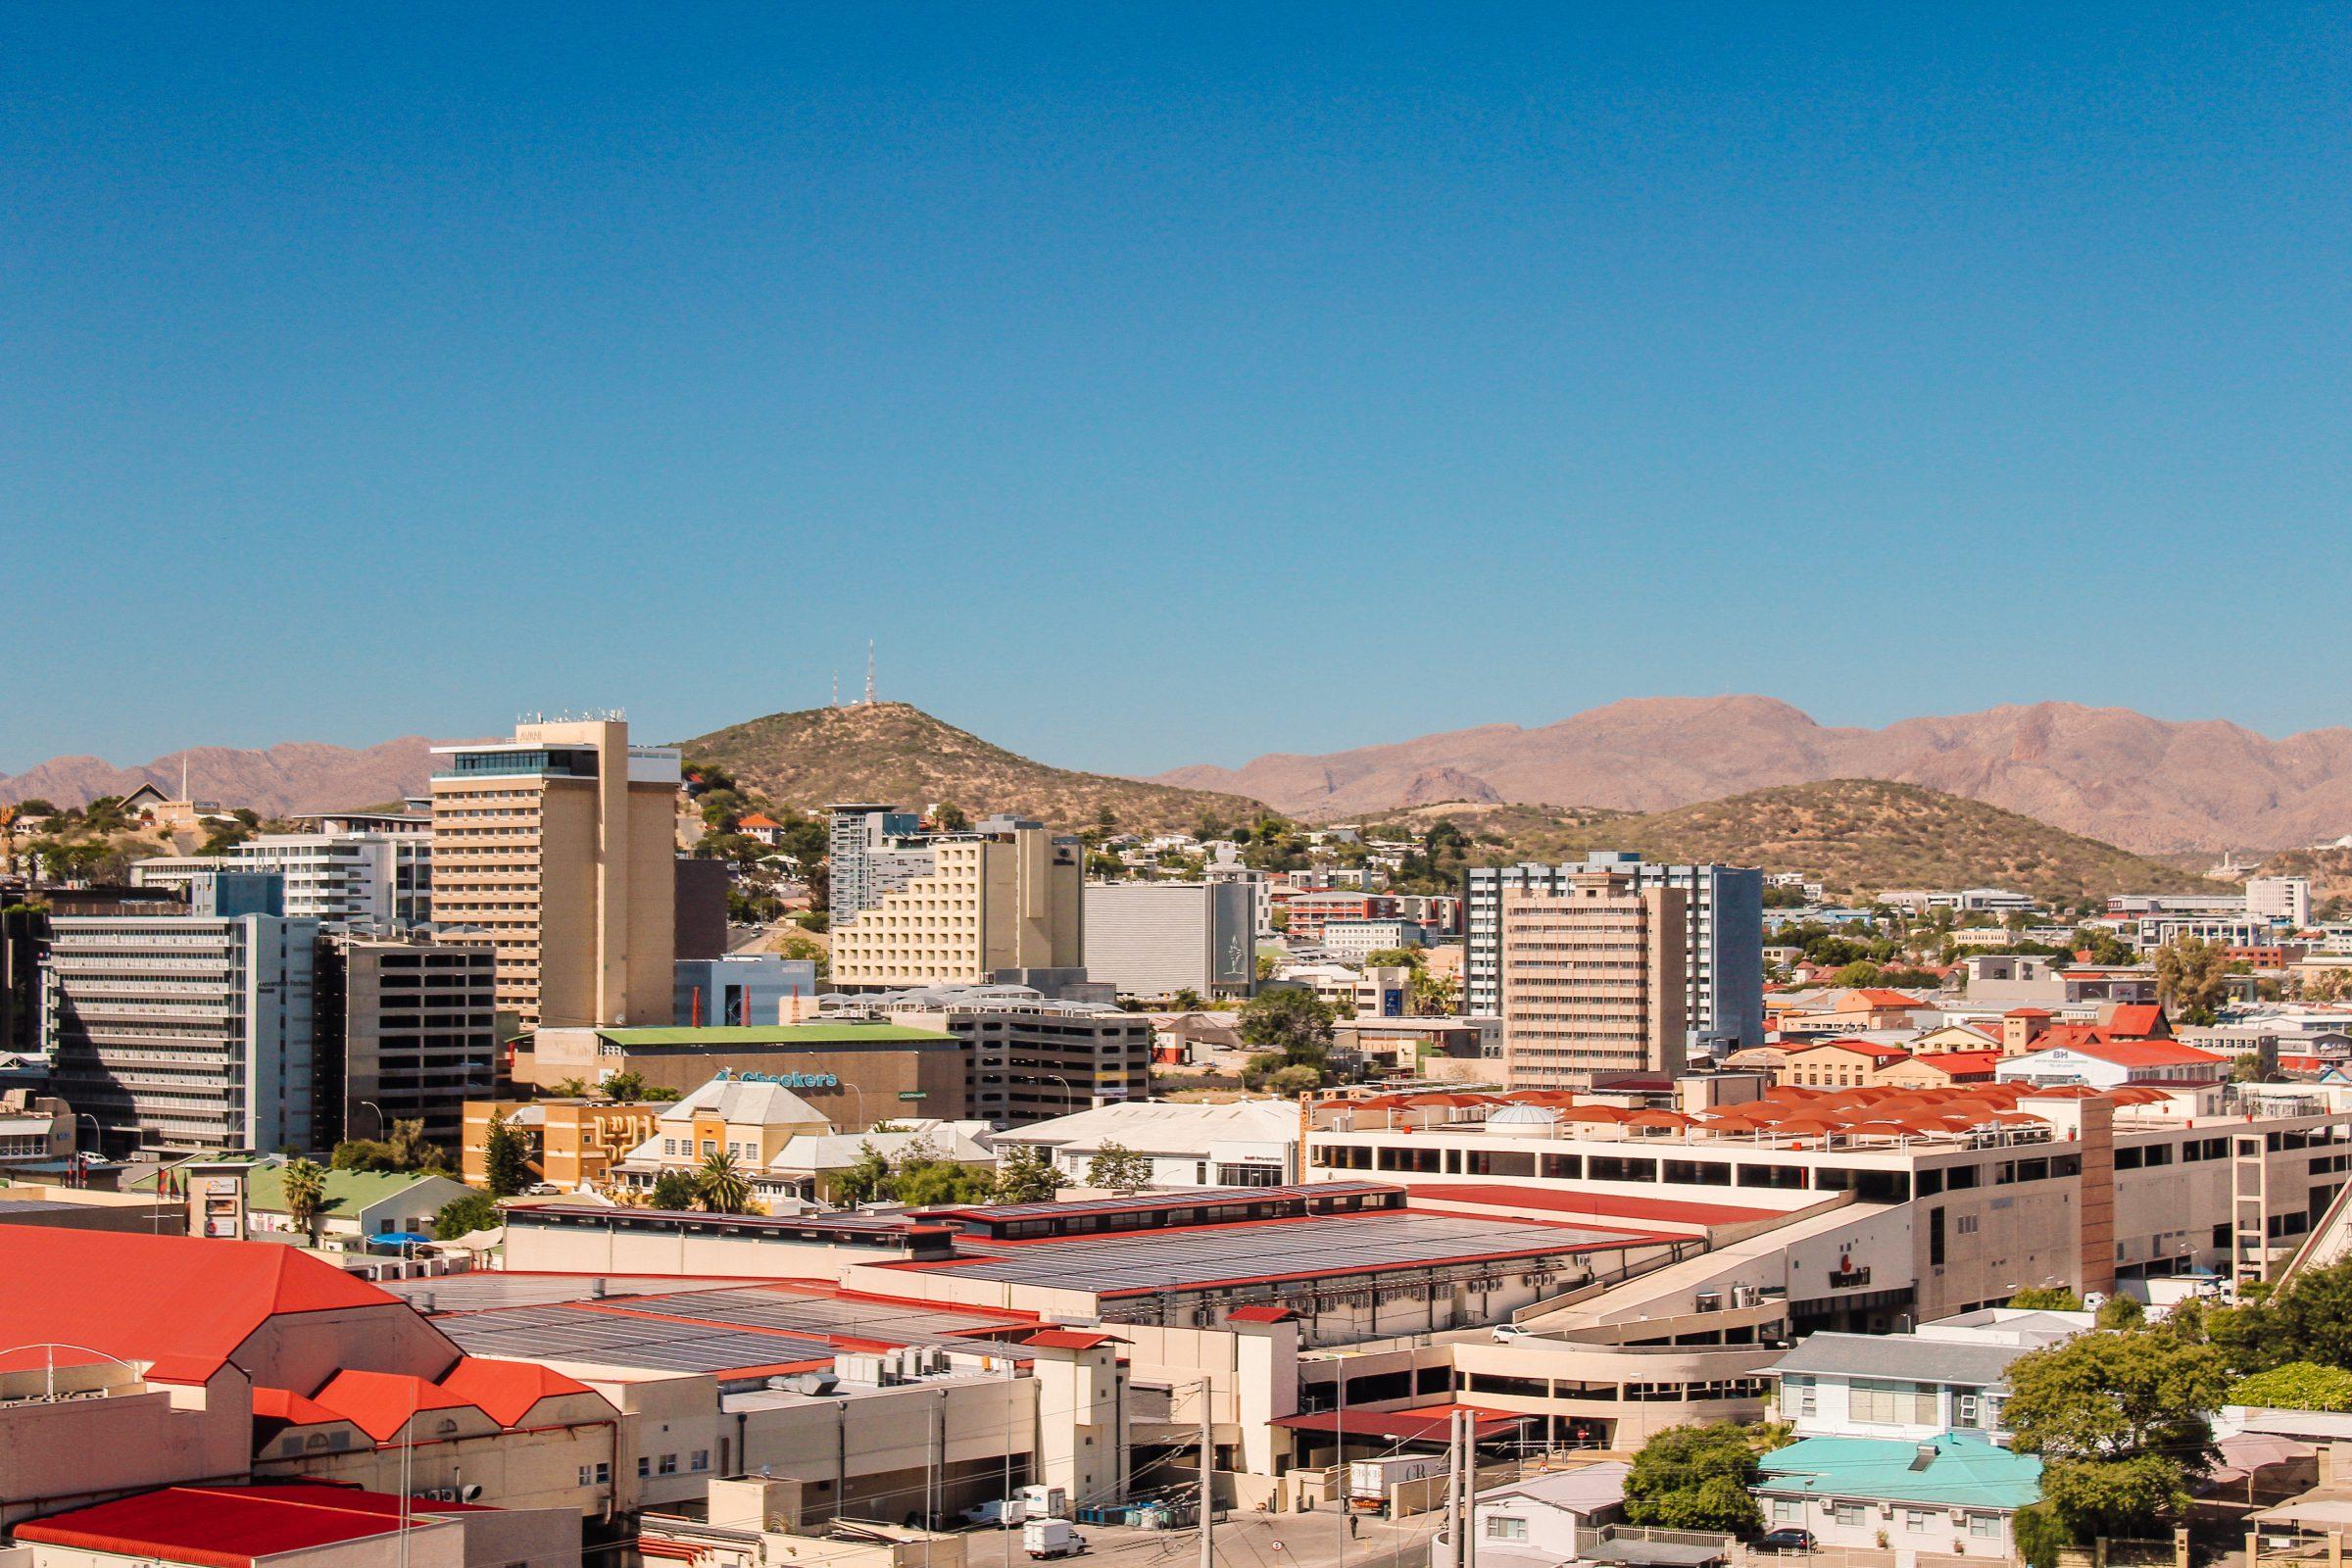 Skyline van de stad Windhoek met op de achtergrond de bergen waartussen de stad ligt.